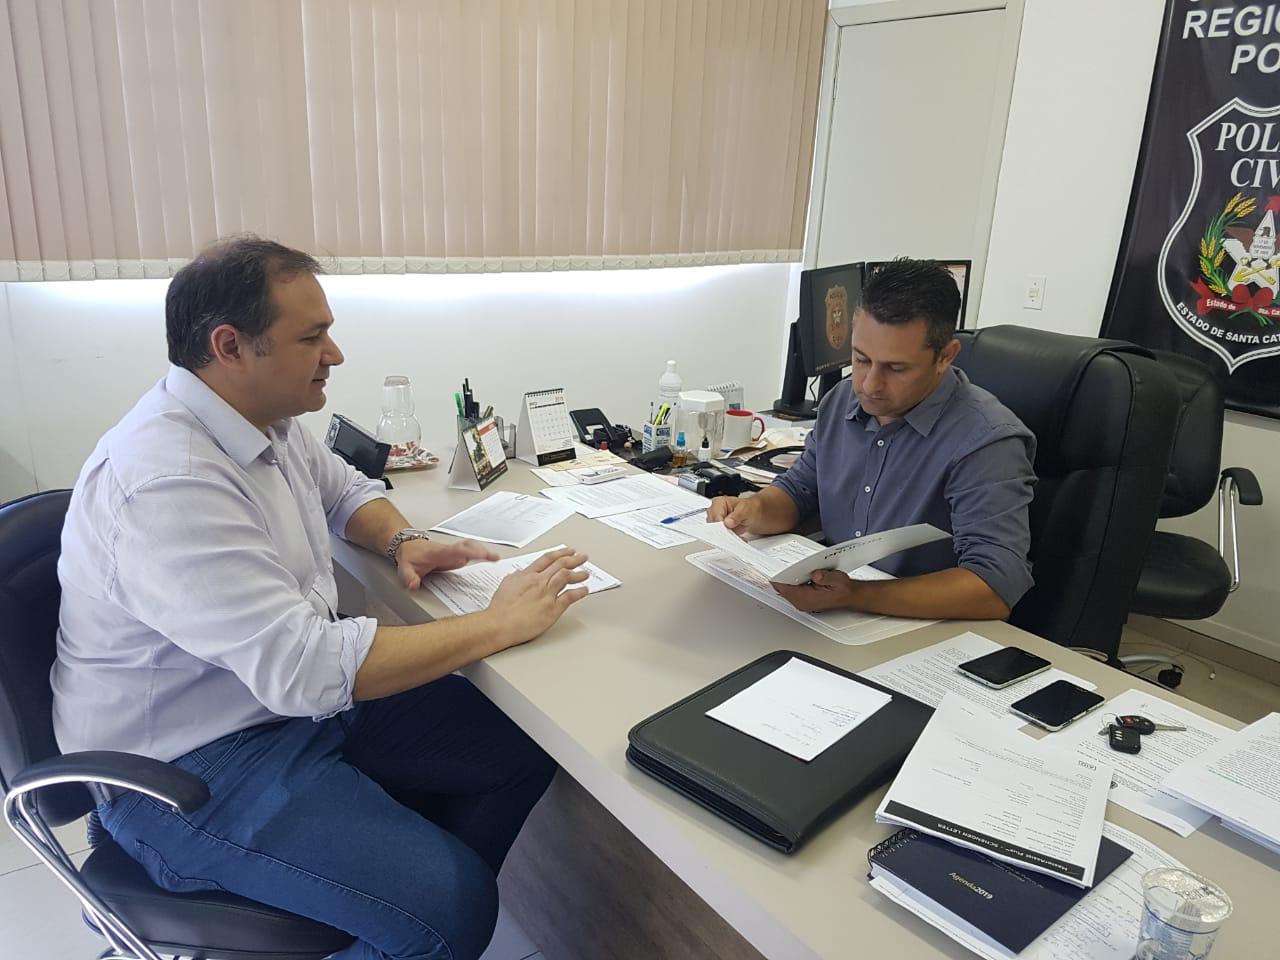 Procon de Criciúma inicia Operação 'Preço Legal'